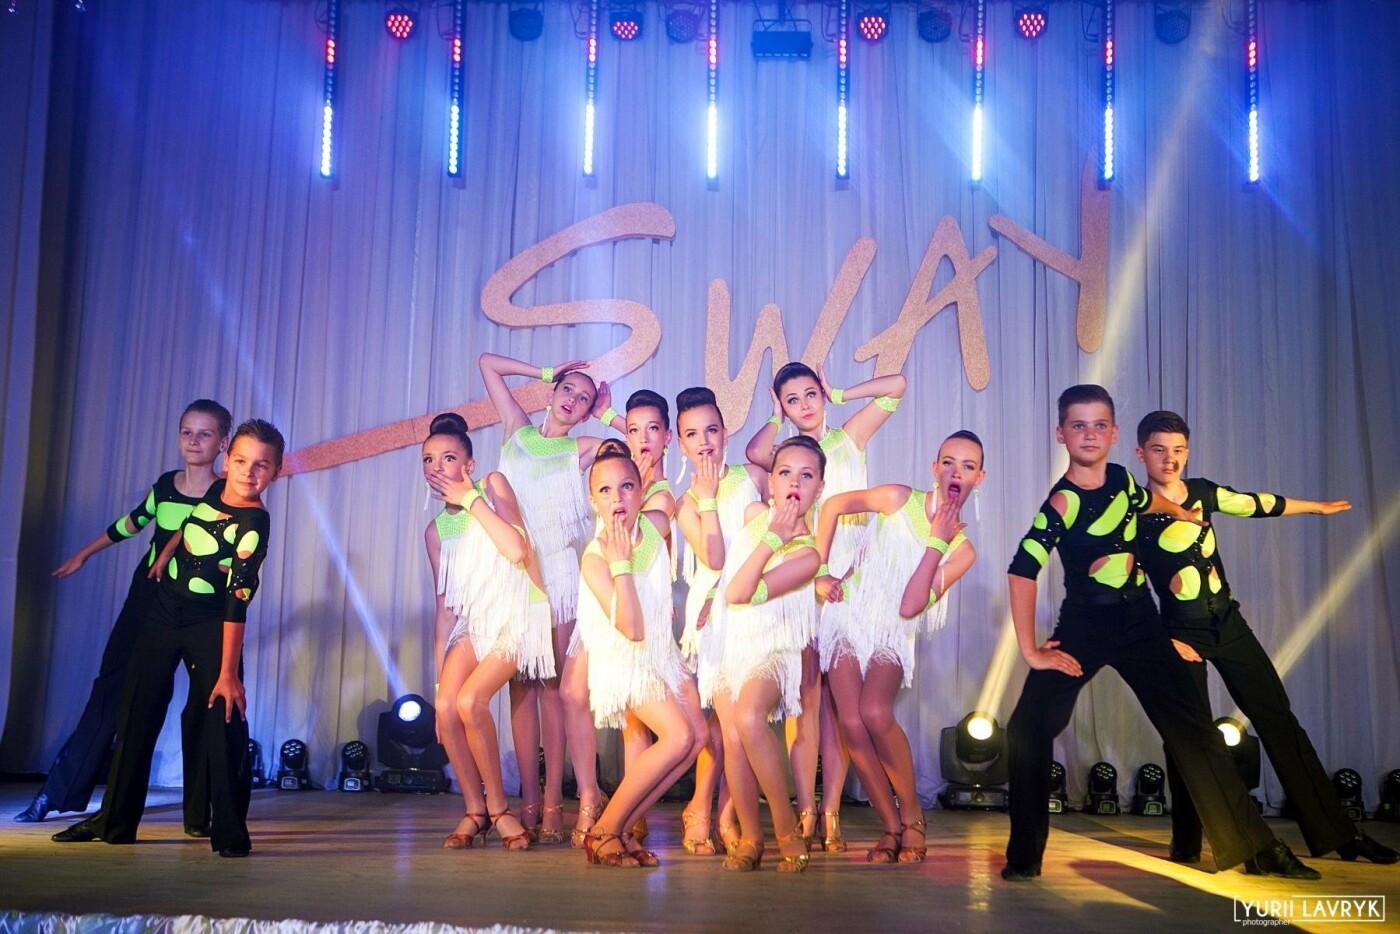 Хореографический коллектив Сумского НАУ отпраздновал свой День рождения грандиозным концертом, фото-5